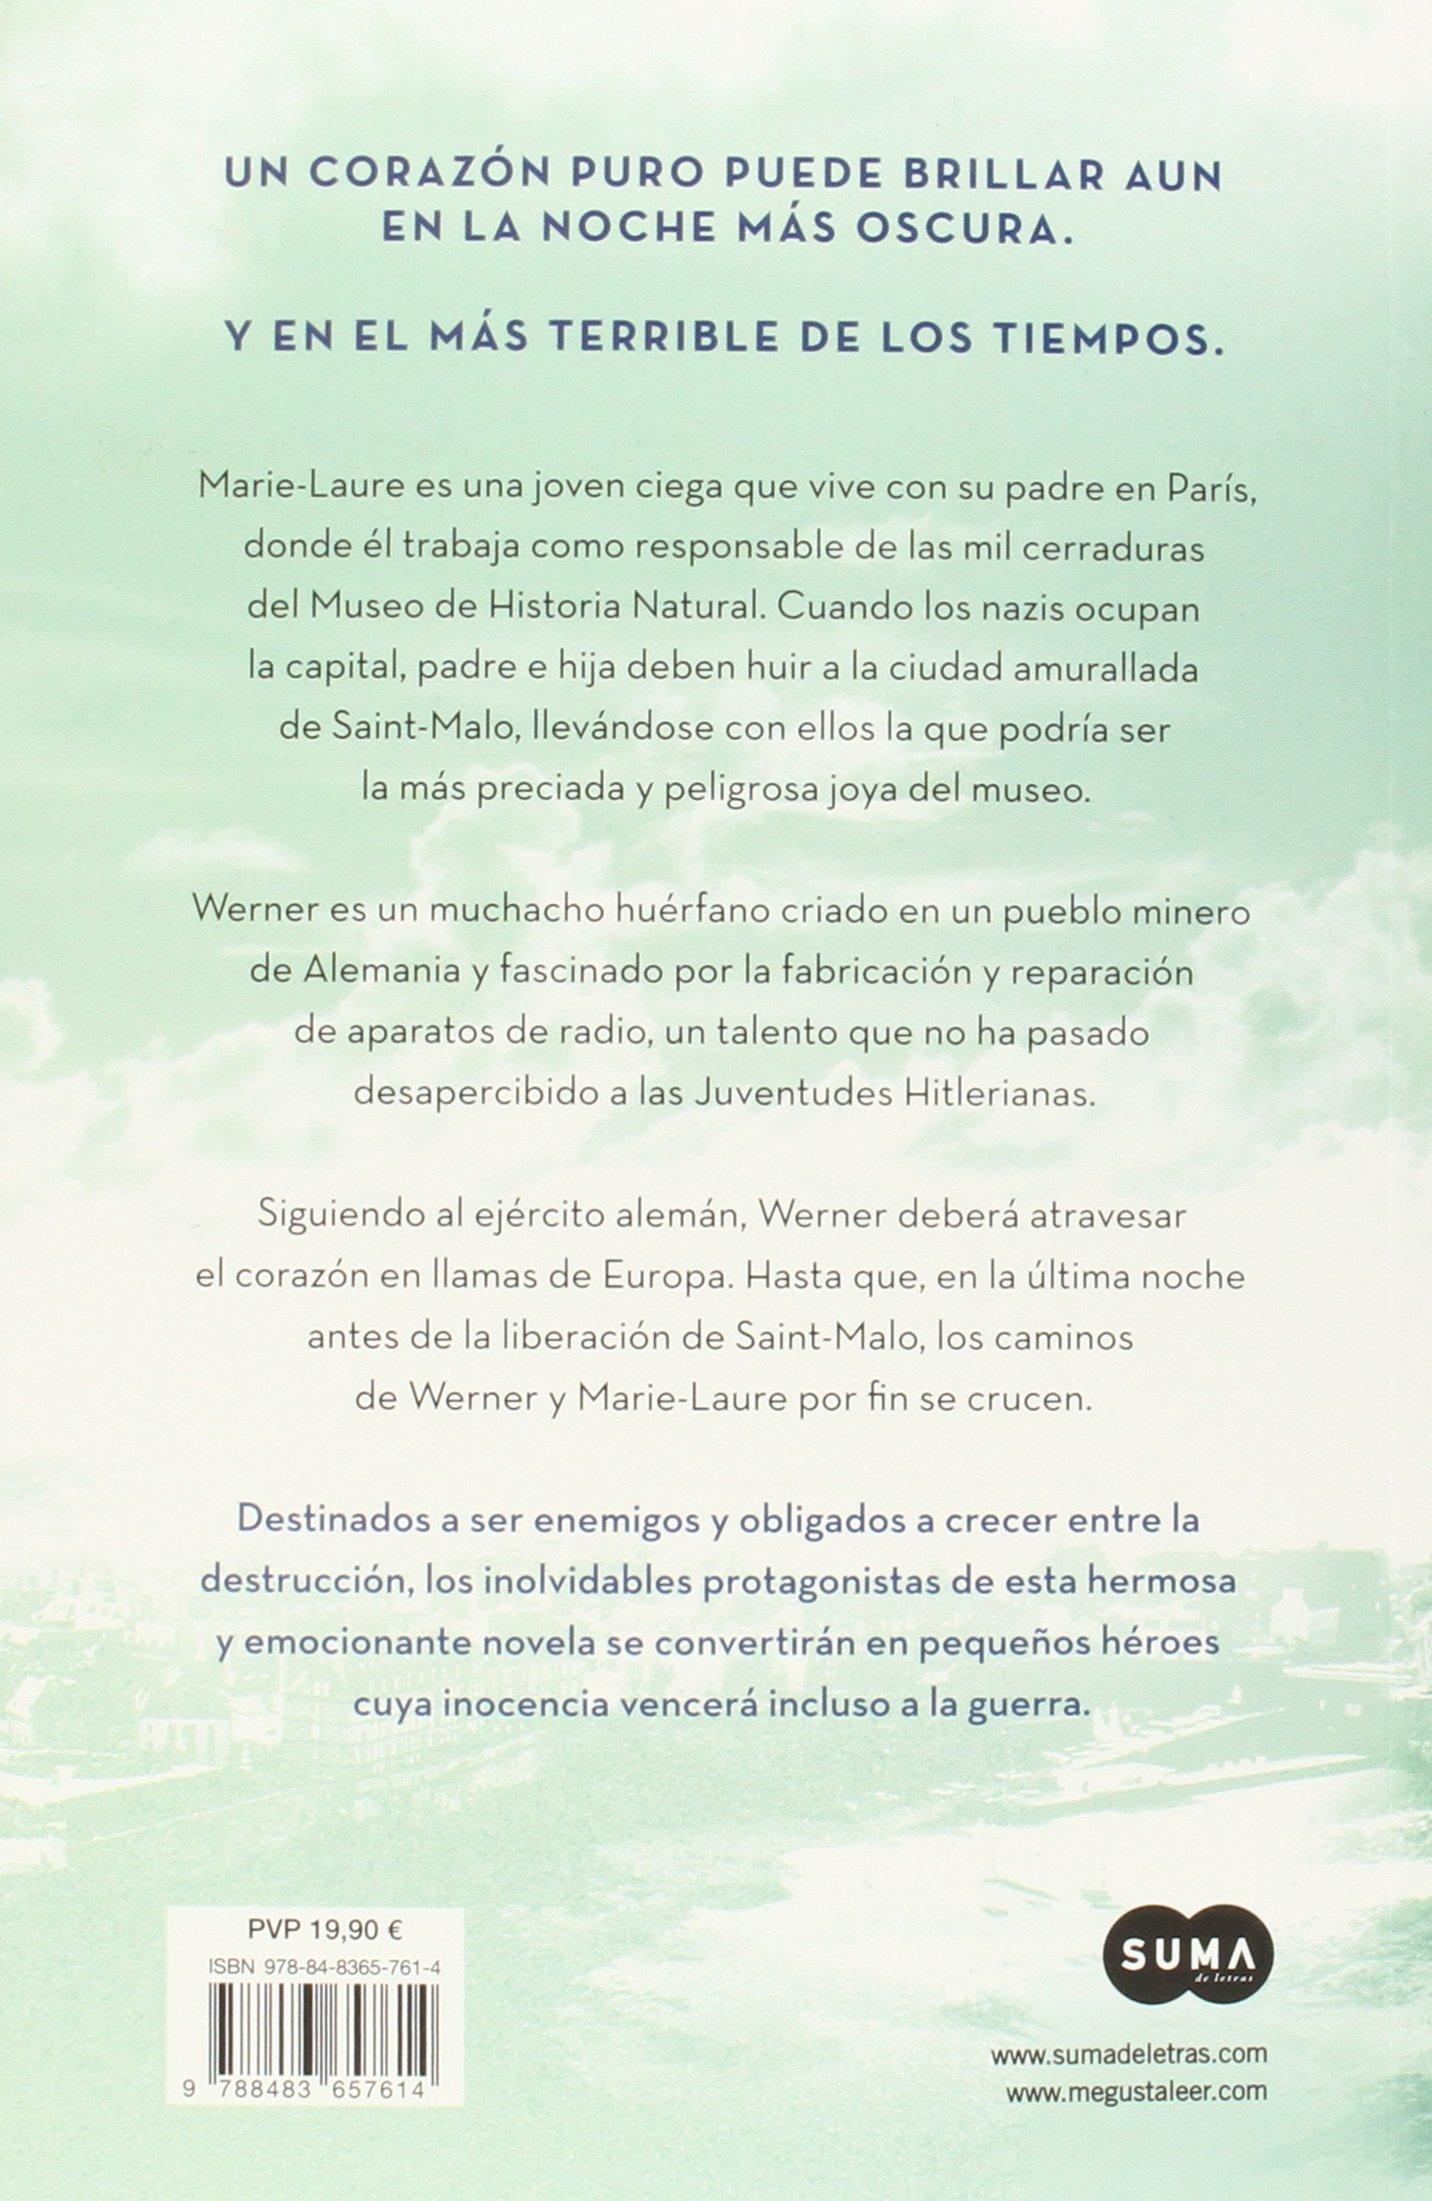 La luz que no puedes ver (FUERA DE COLECCION SUMA.): Amazon.es: Anthony  Doerr, CARMEN M.; BARBA MUÑIZ ANDRES;CÁCERES: Libros